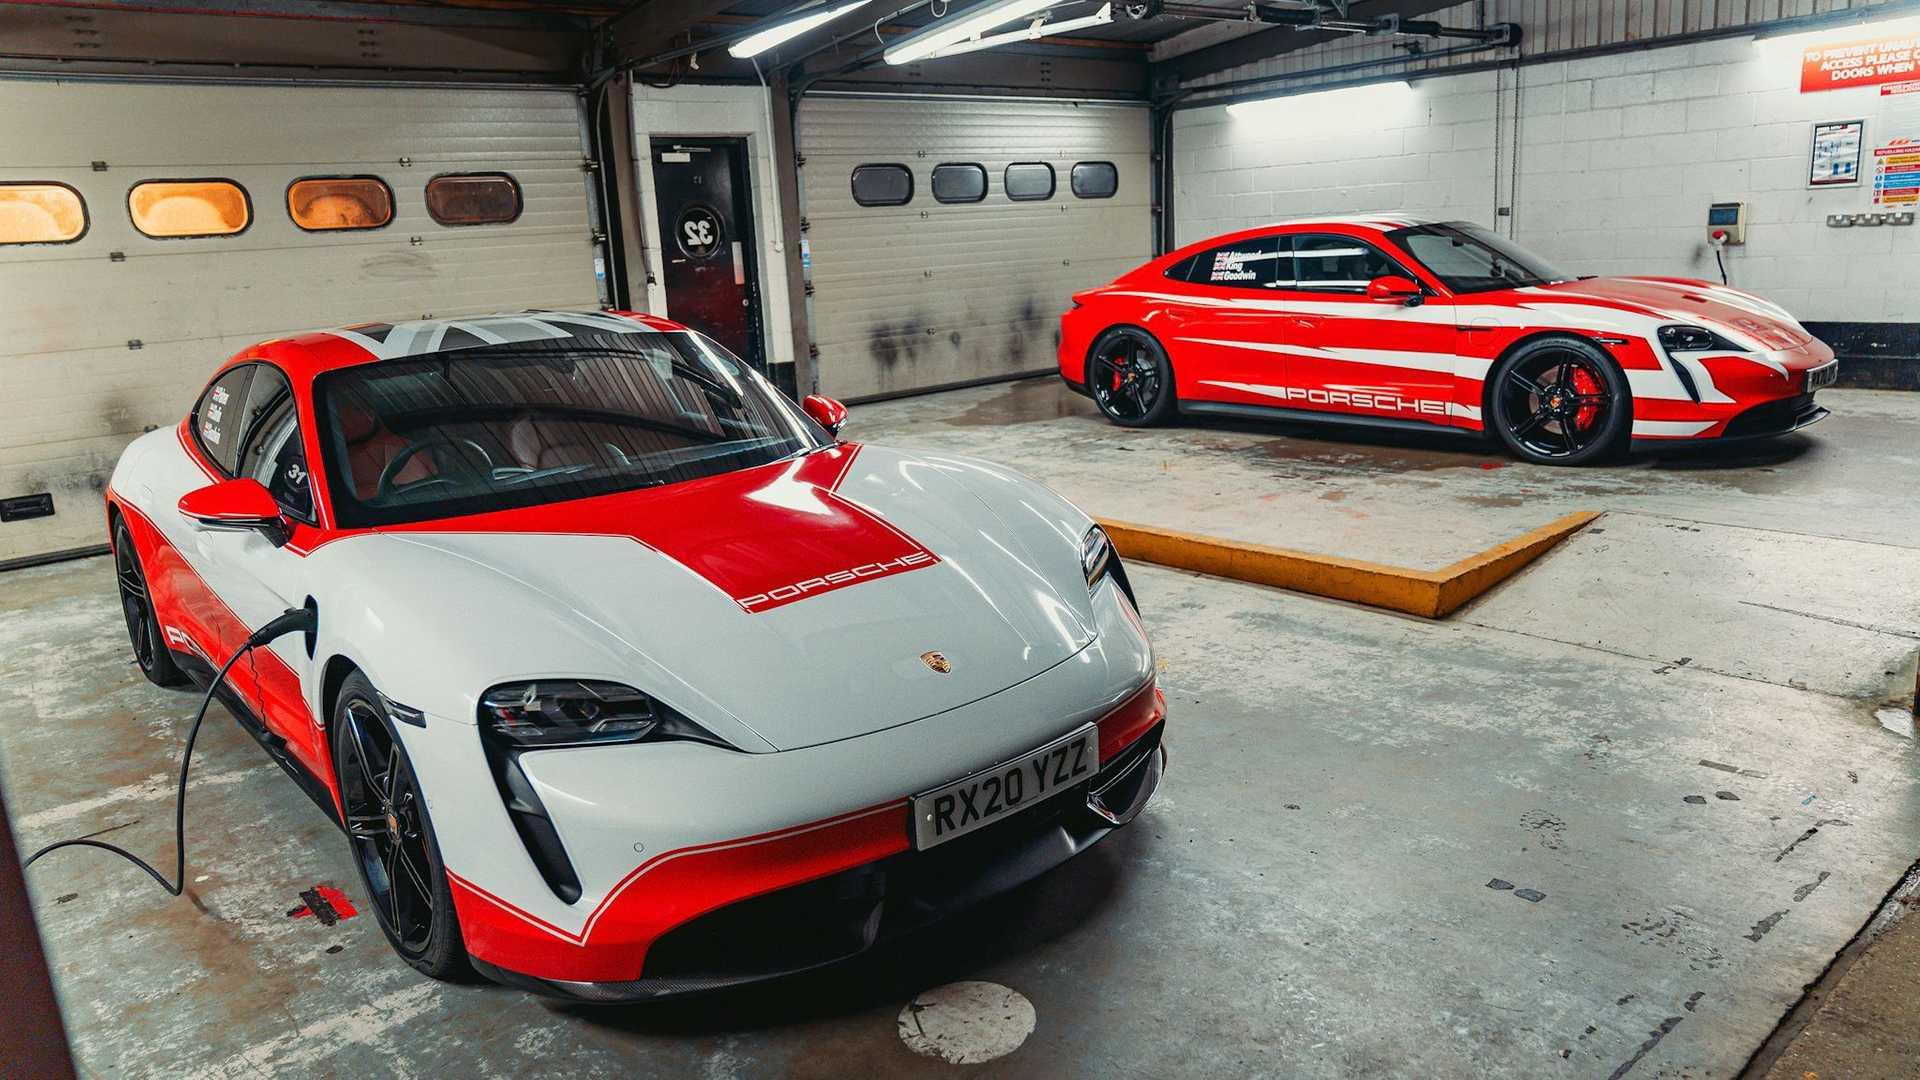 Porsche-Taycan-At-Brands-Hatch-Circuit-10